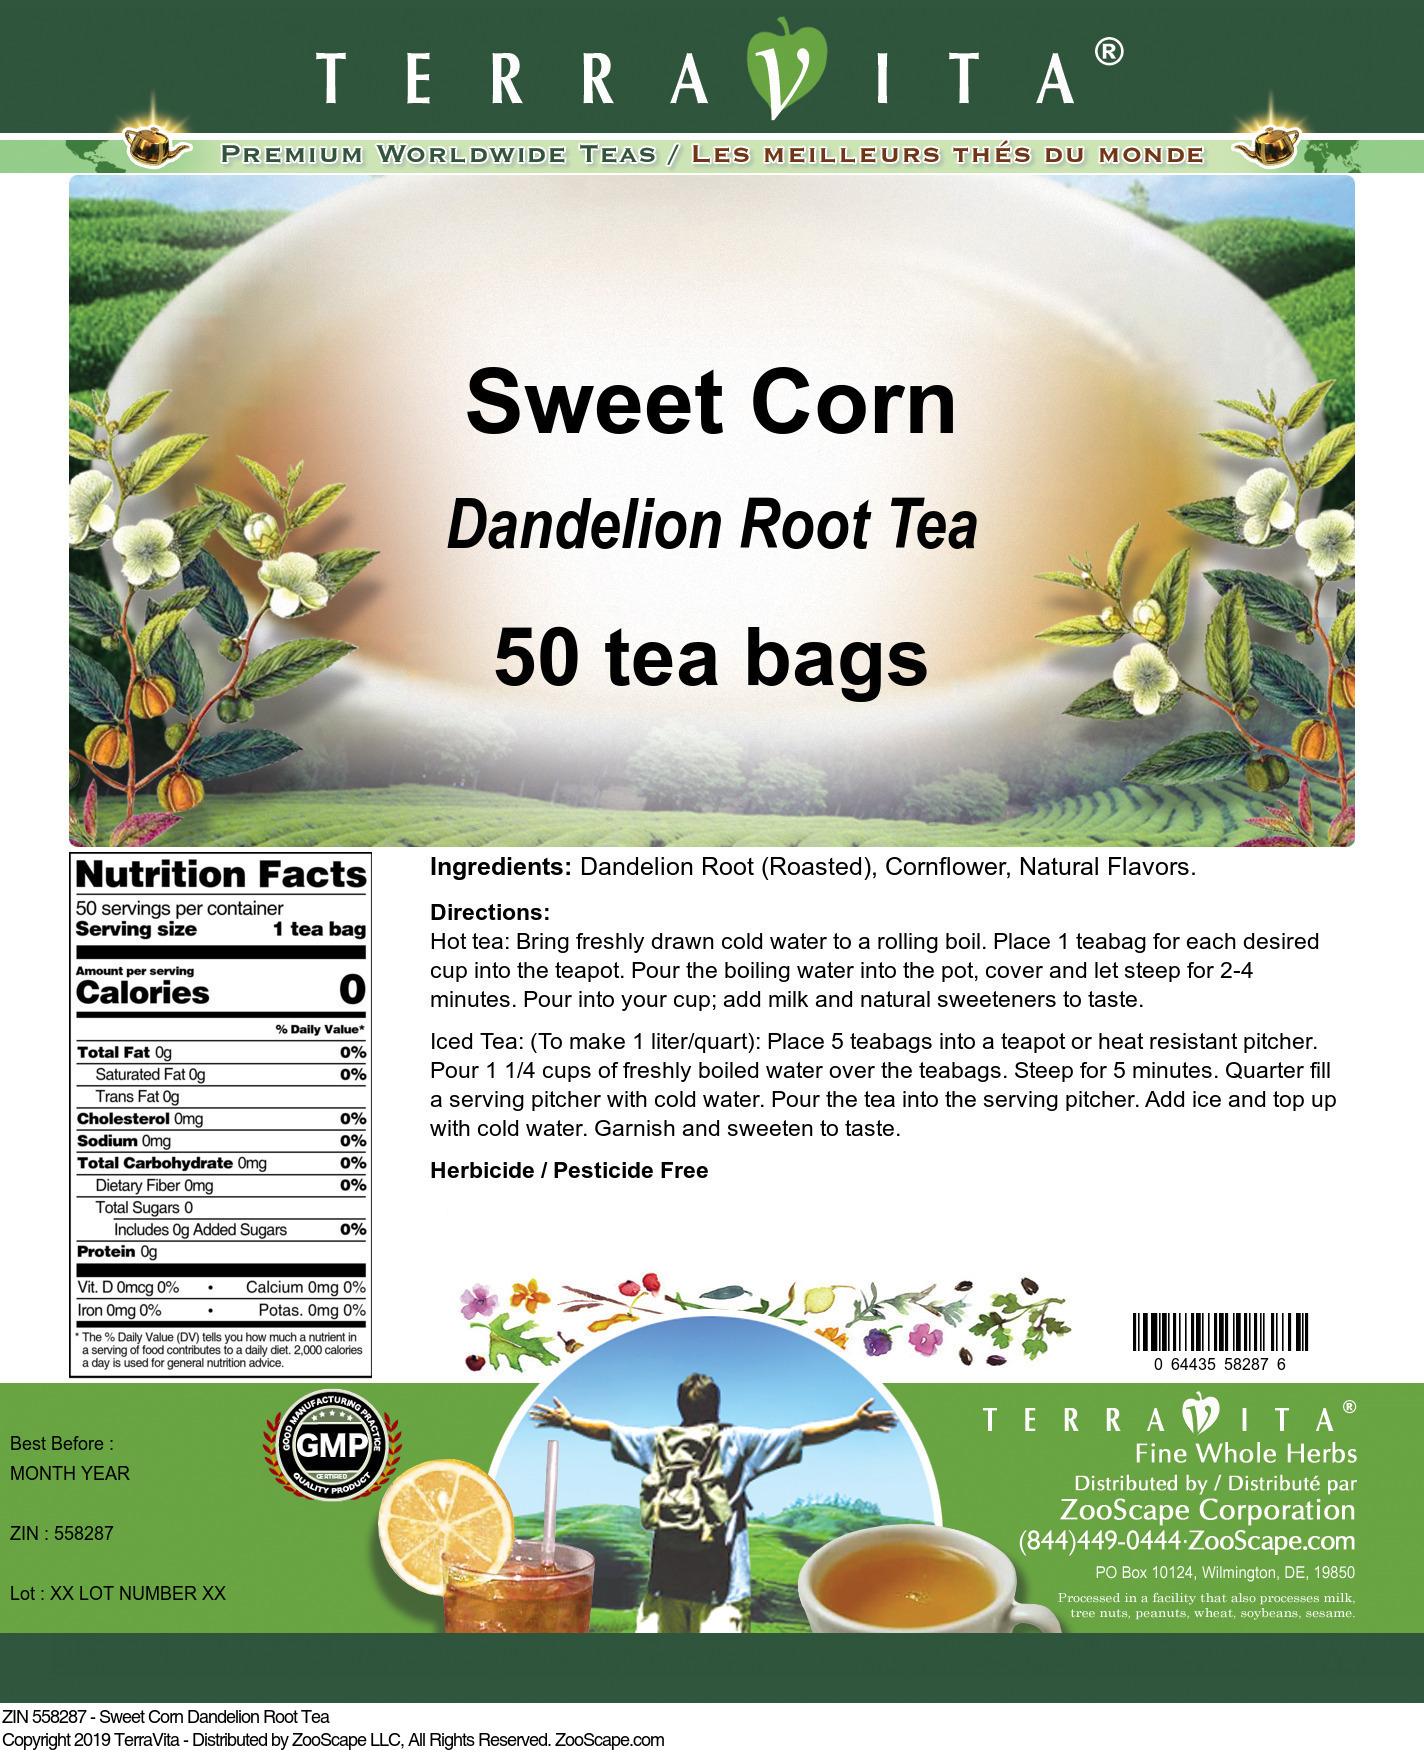 Sweet Corn Dandelion Root Tea